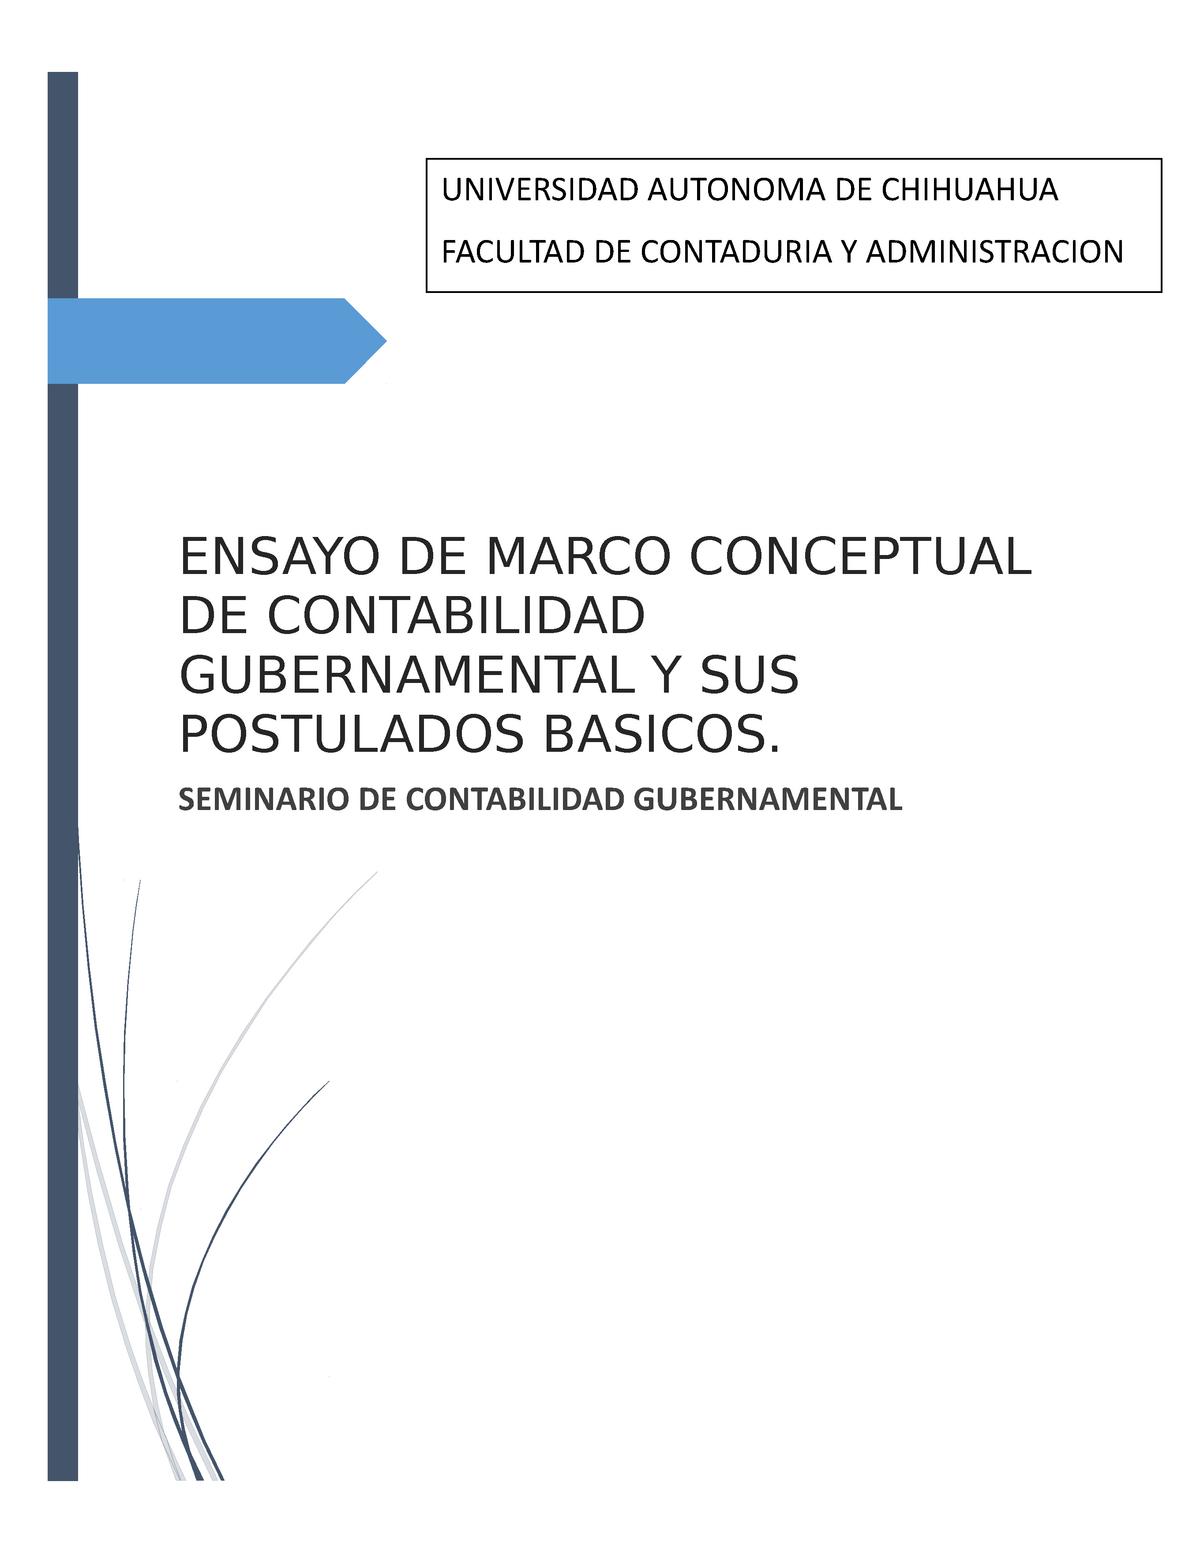 Ensayo De Marco Conceptual De Contabilidad Gubernamental Y